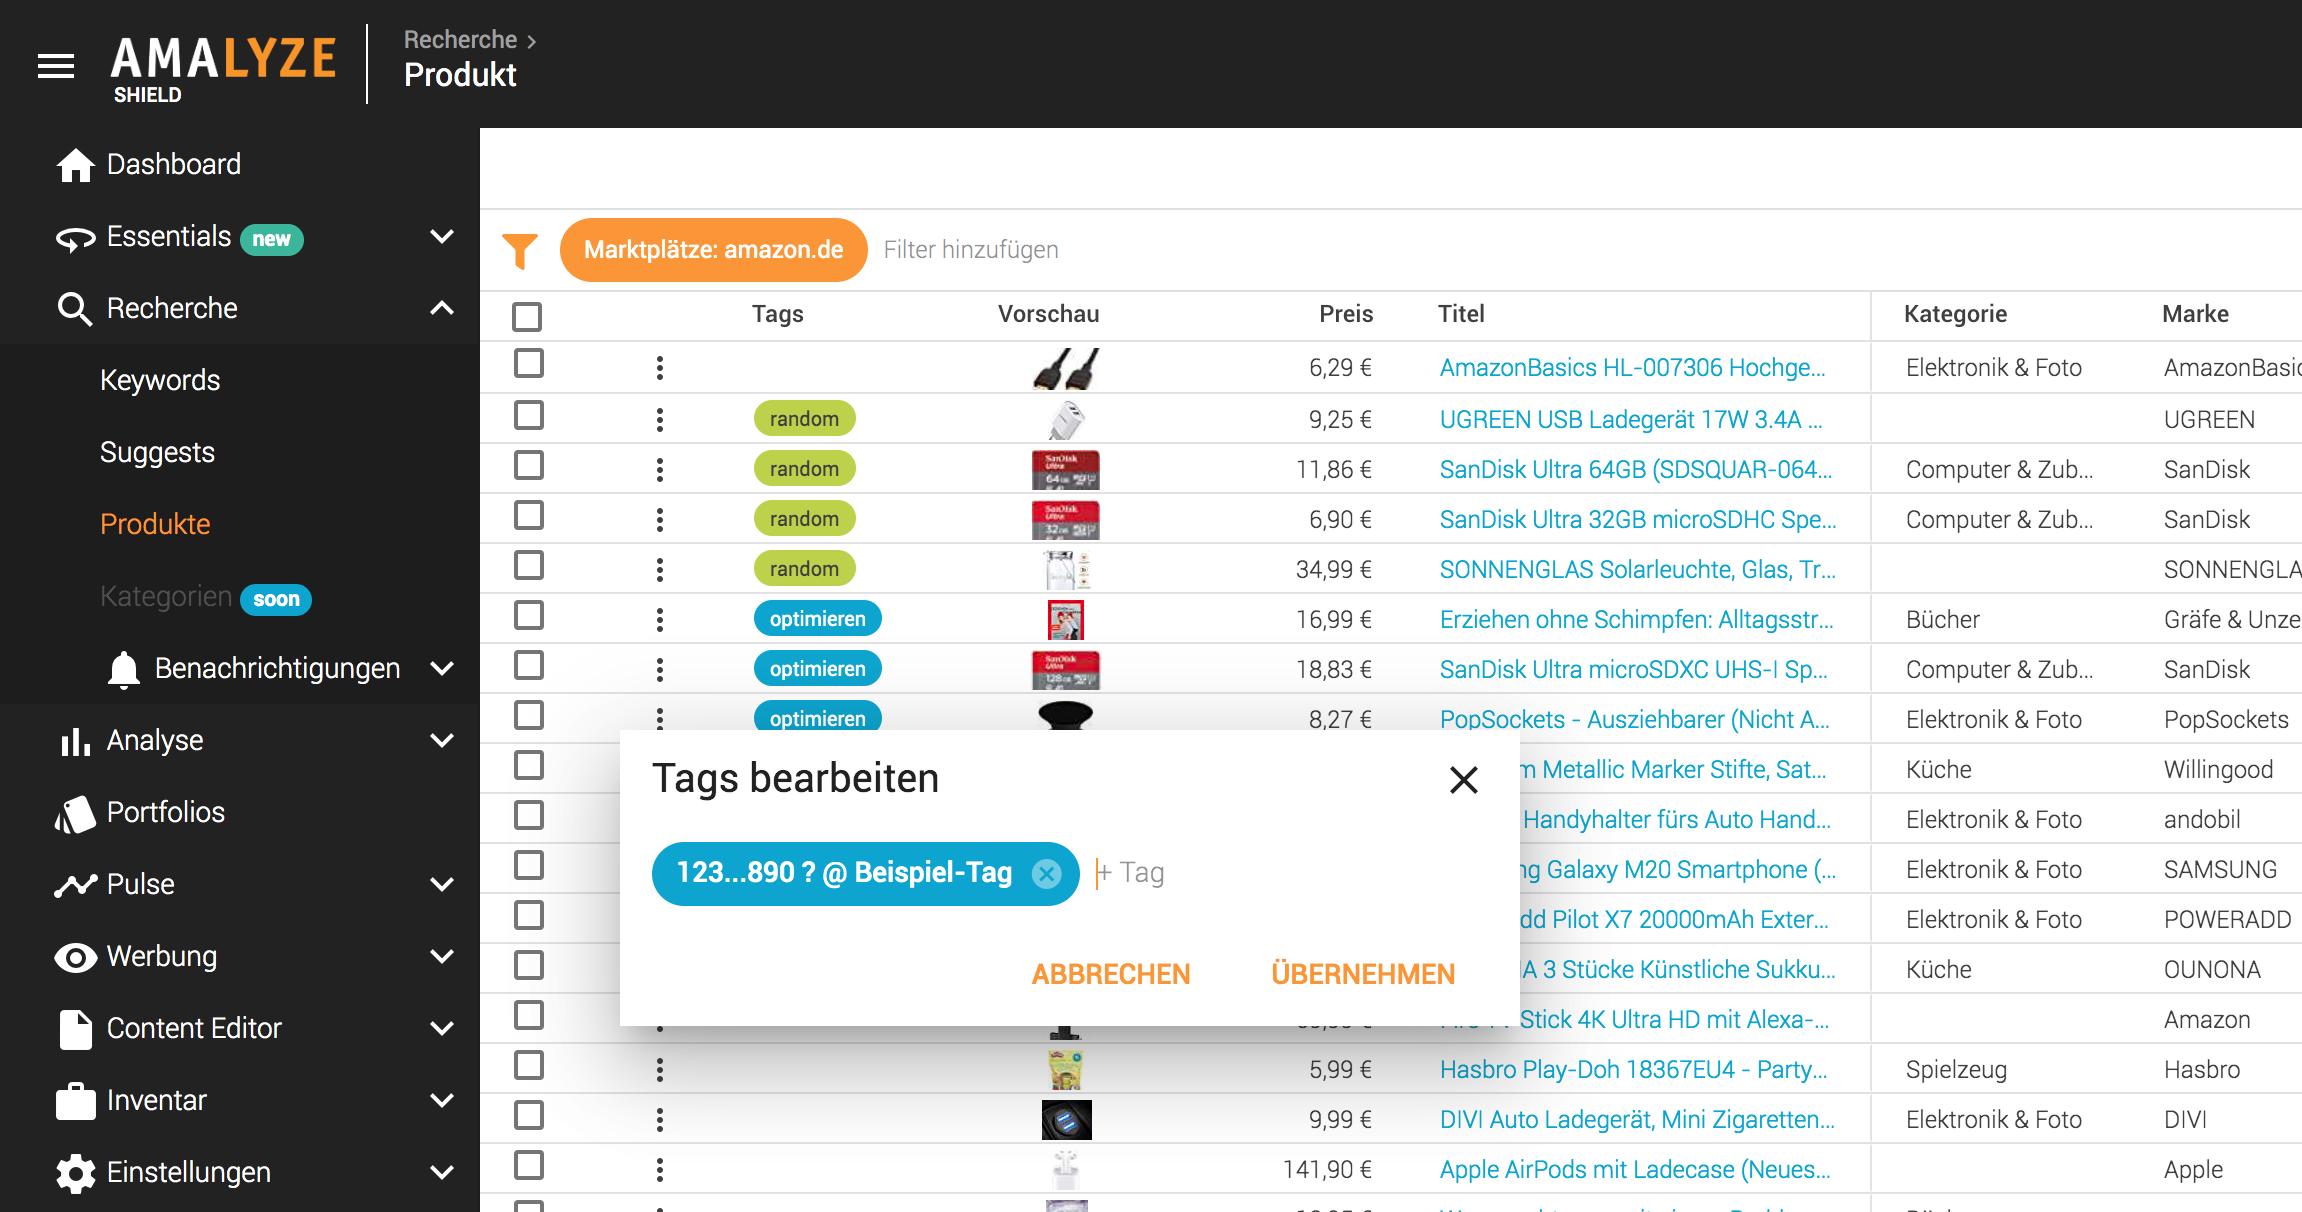 Recherche_Produkte_Tags_Beschriftung von Tags Beispiel